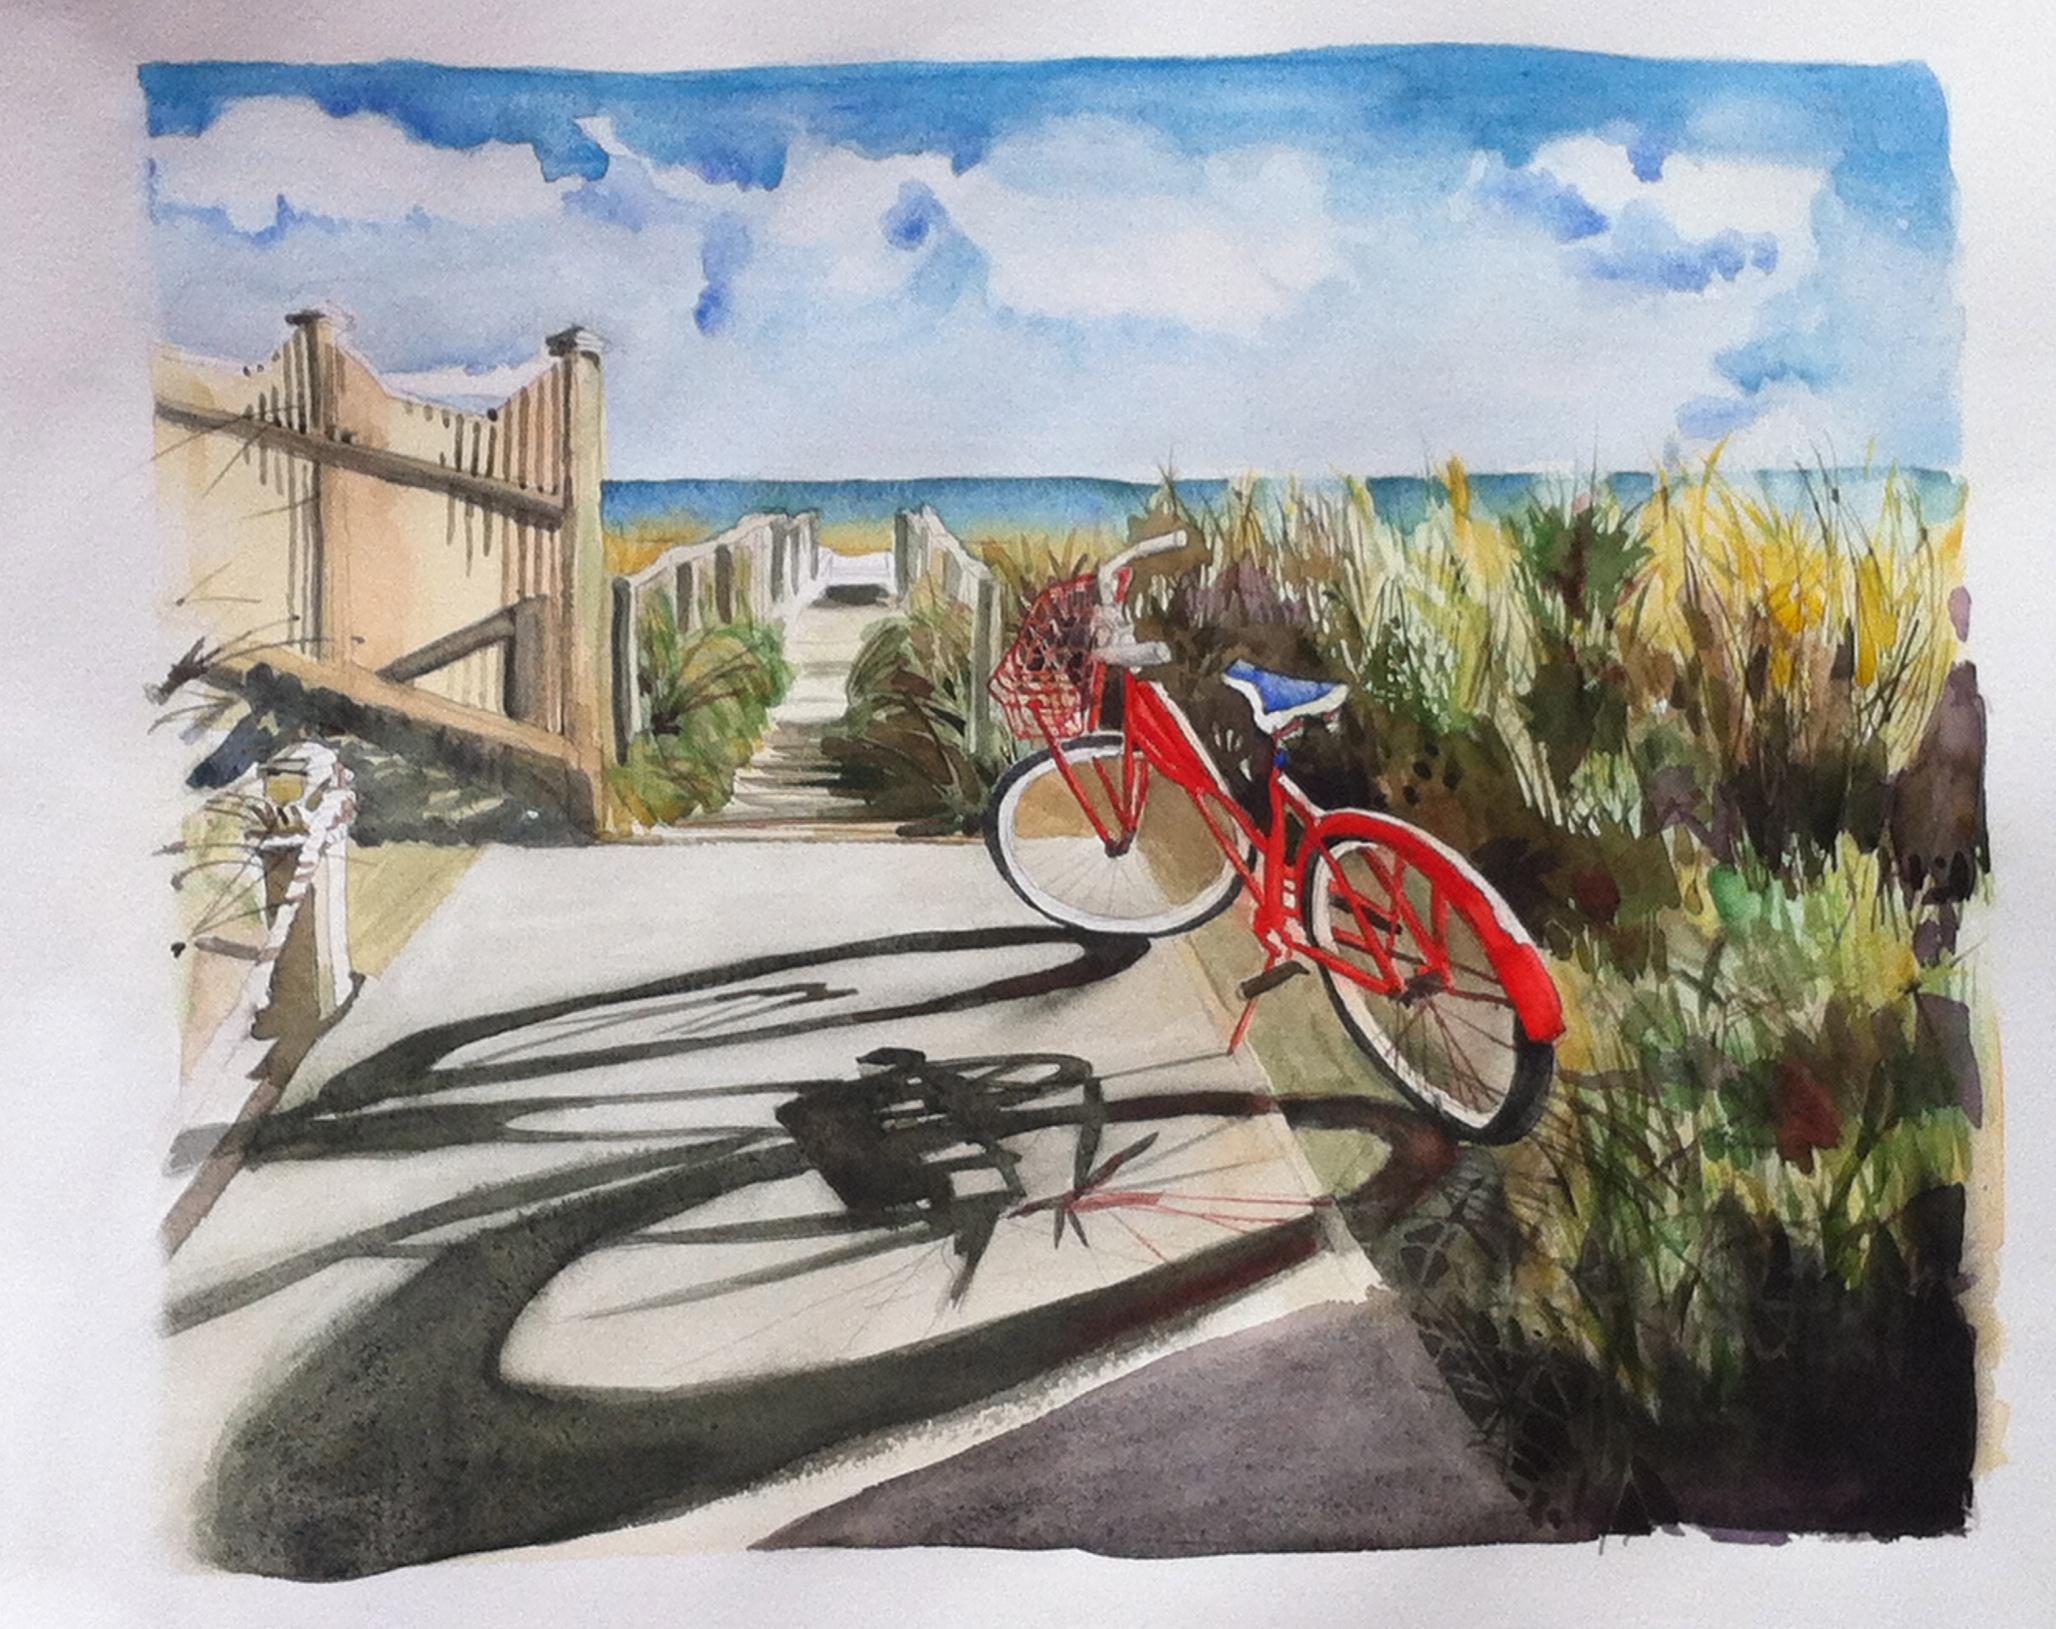 Red Bike on Fire Island